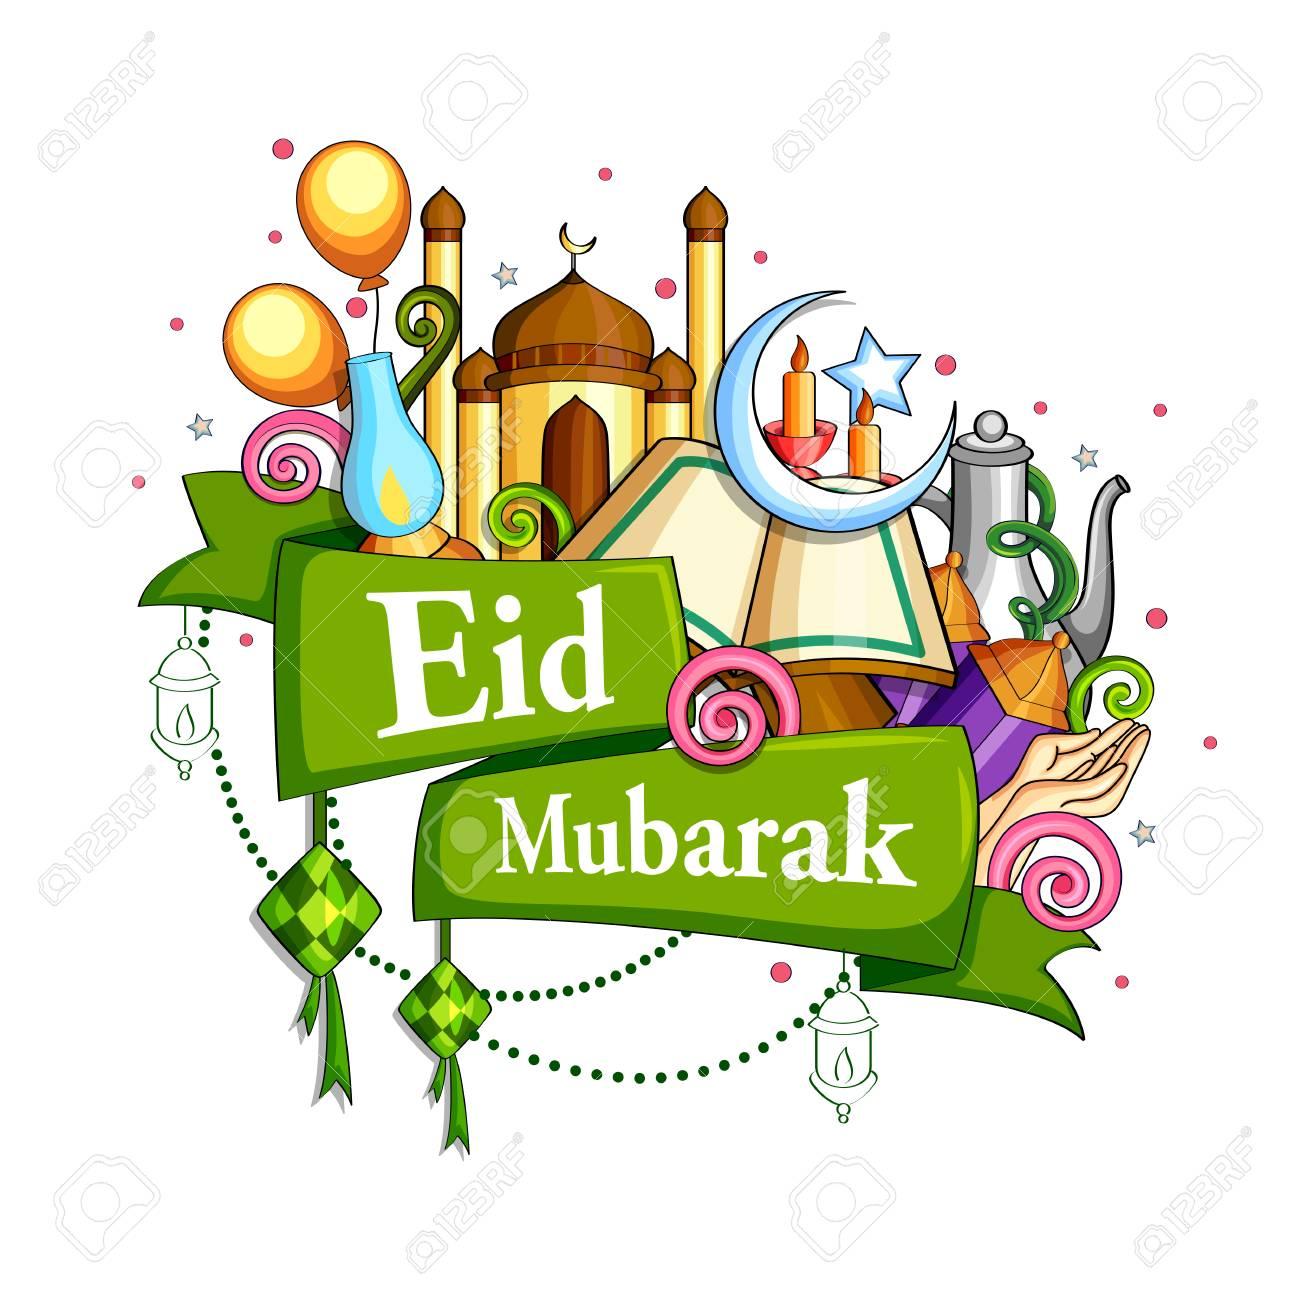 Eid Mubarak Blessing for Eid background. - 79409984